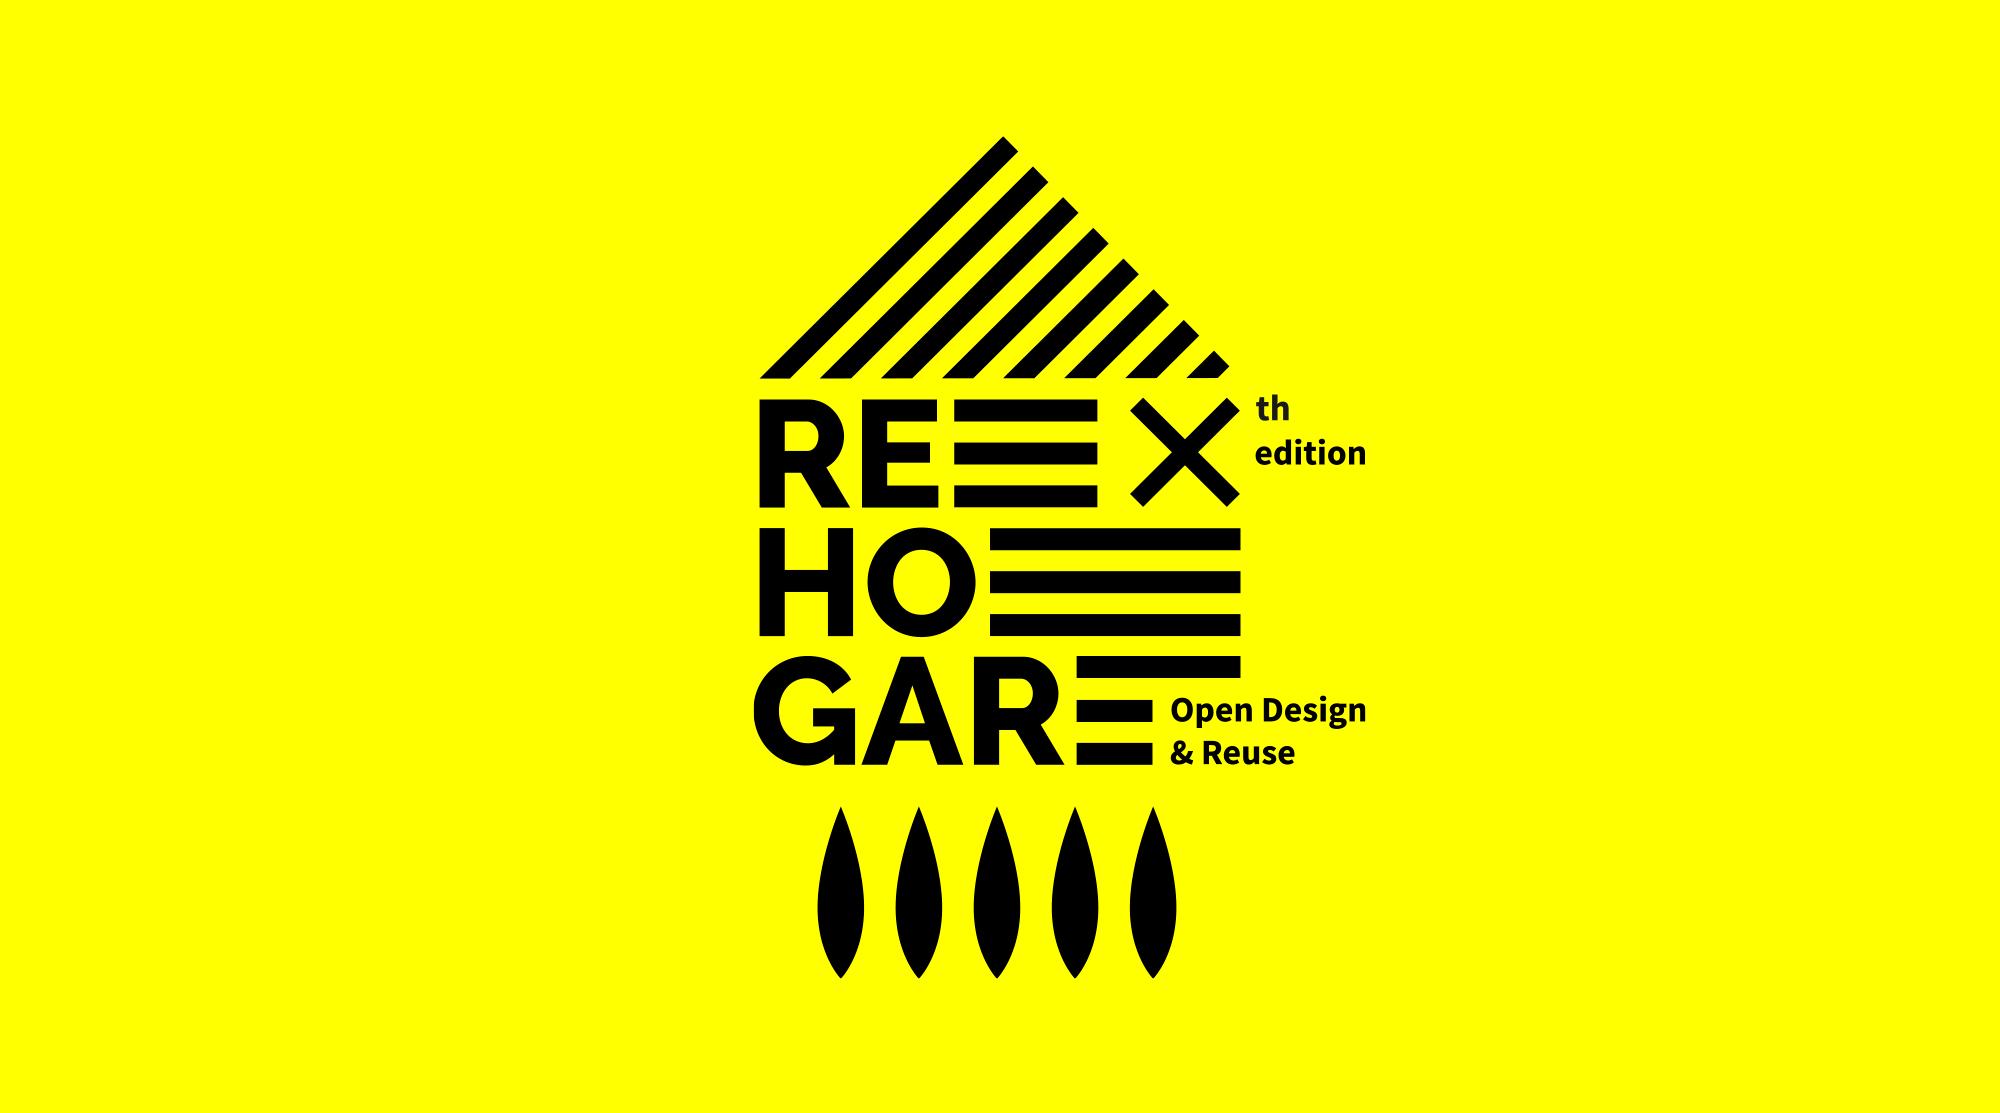 REHOGAR X